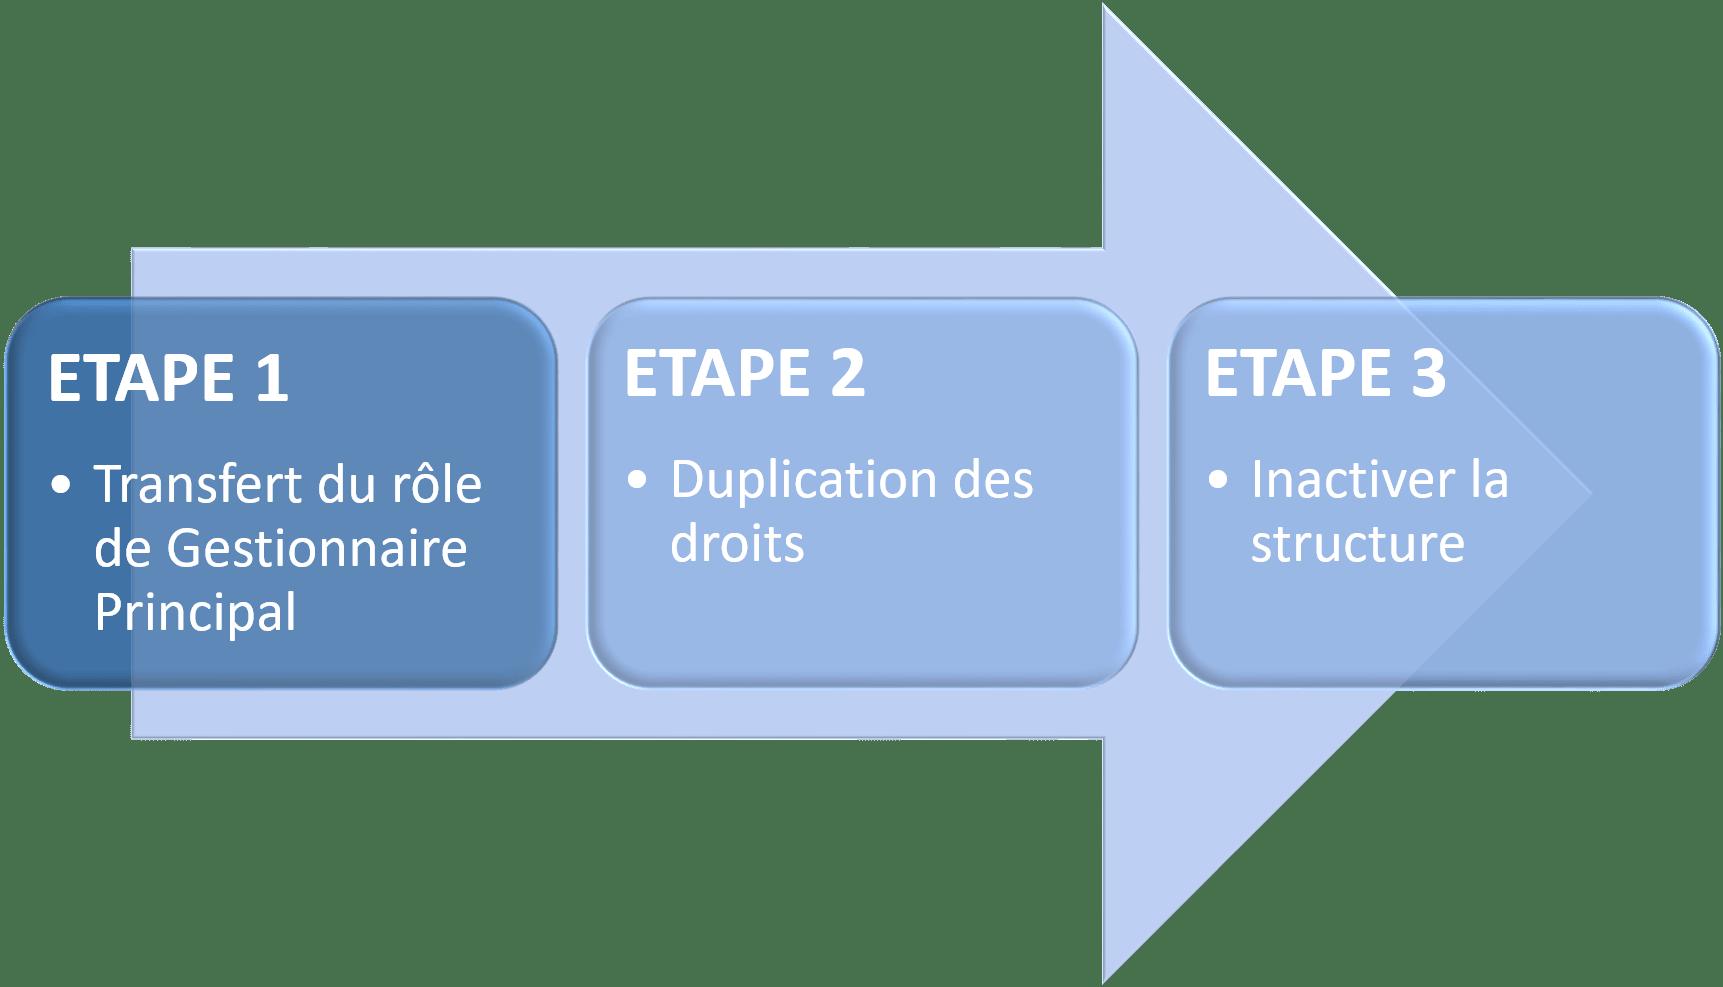 Schéma décrivant les étapes pour absorber une structure